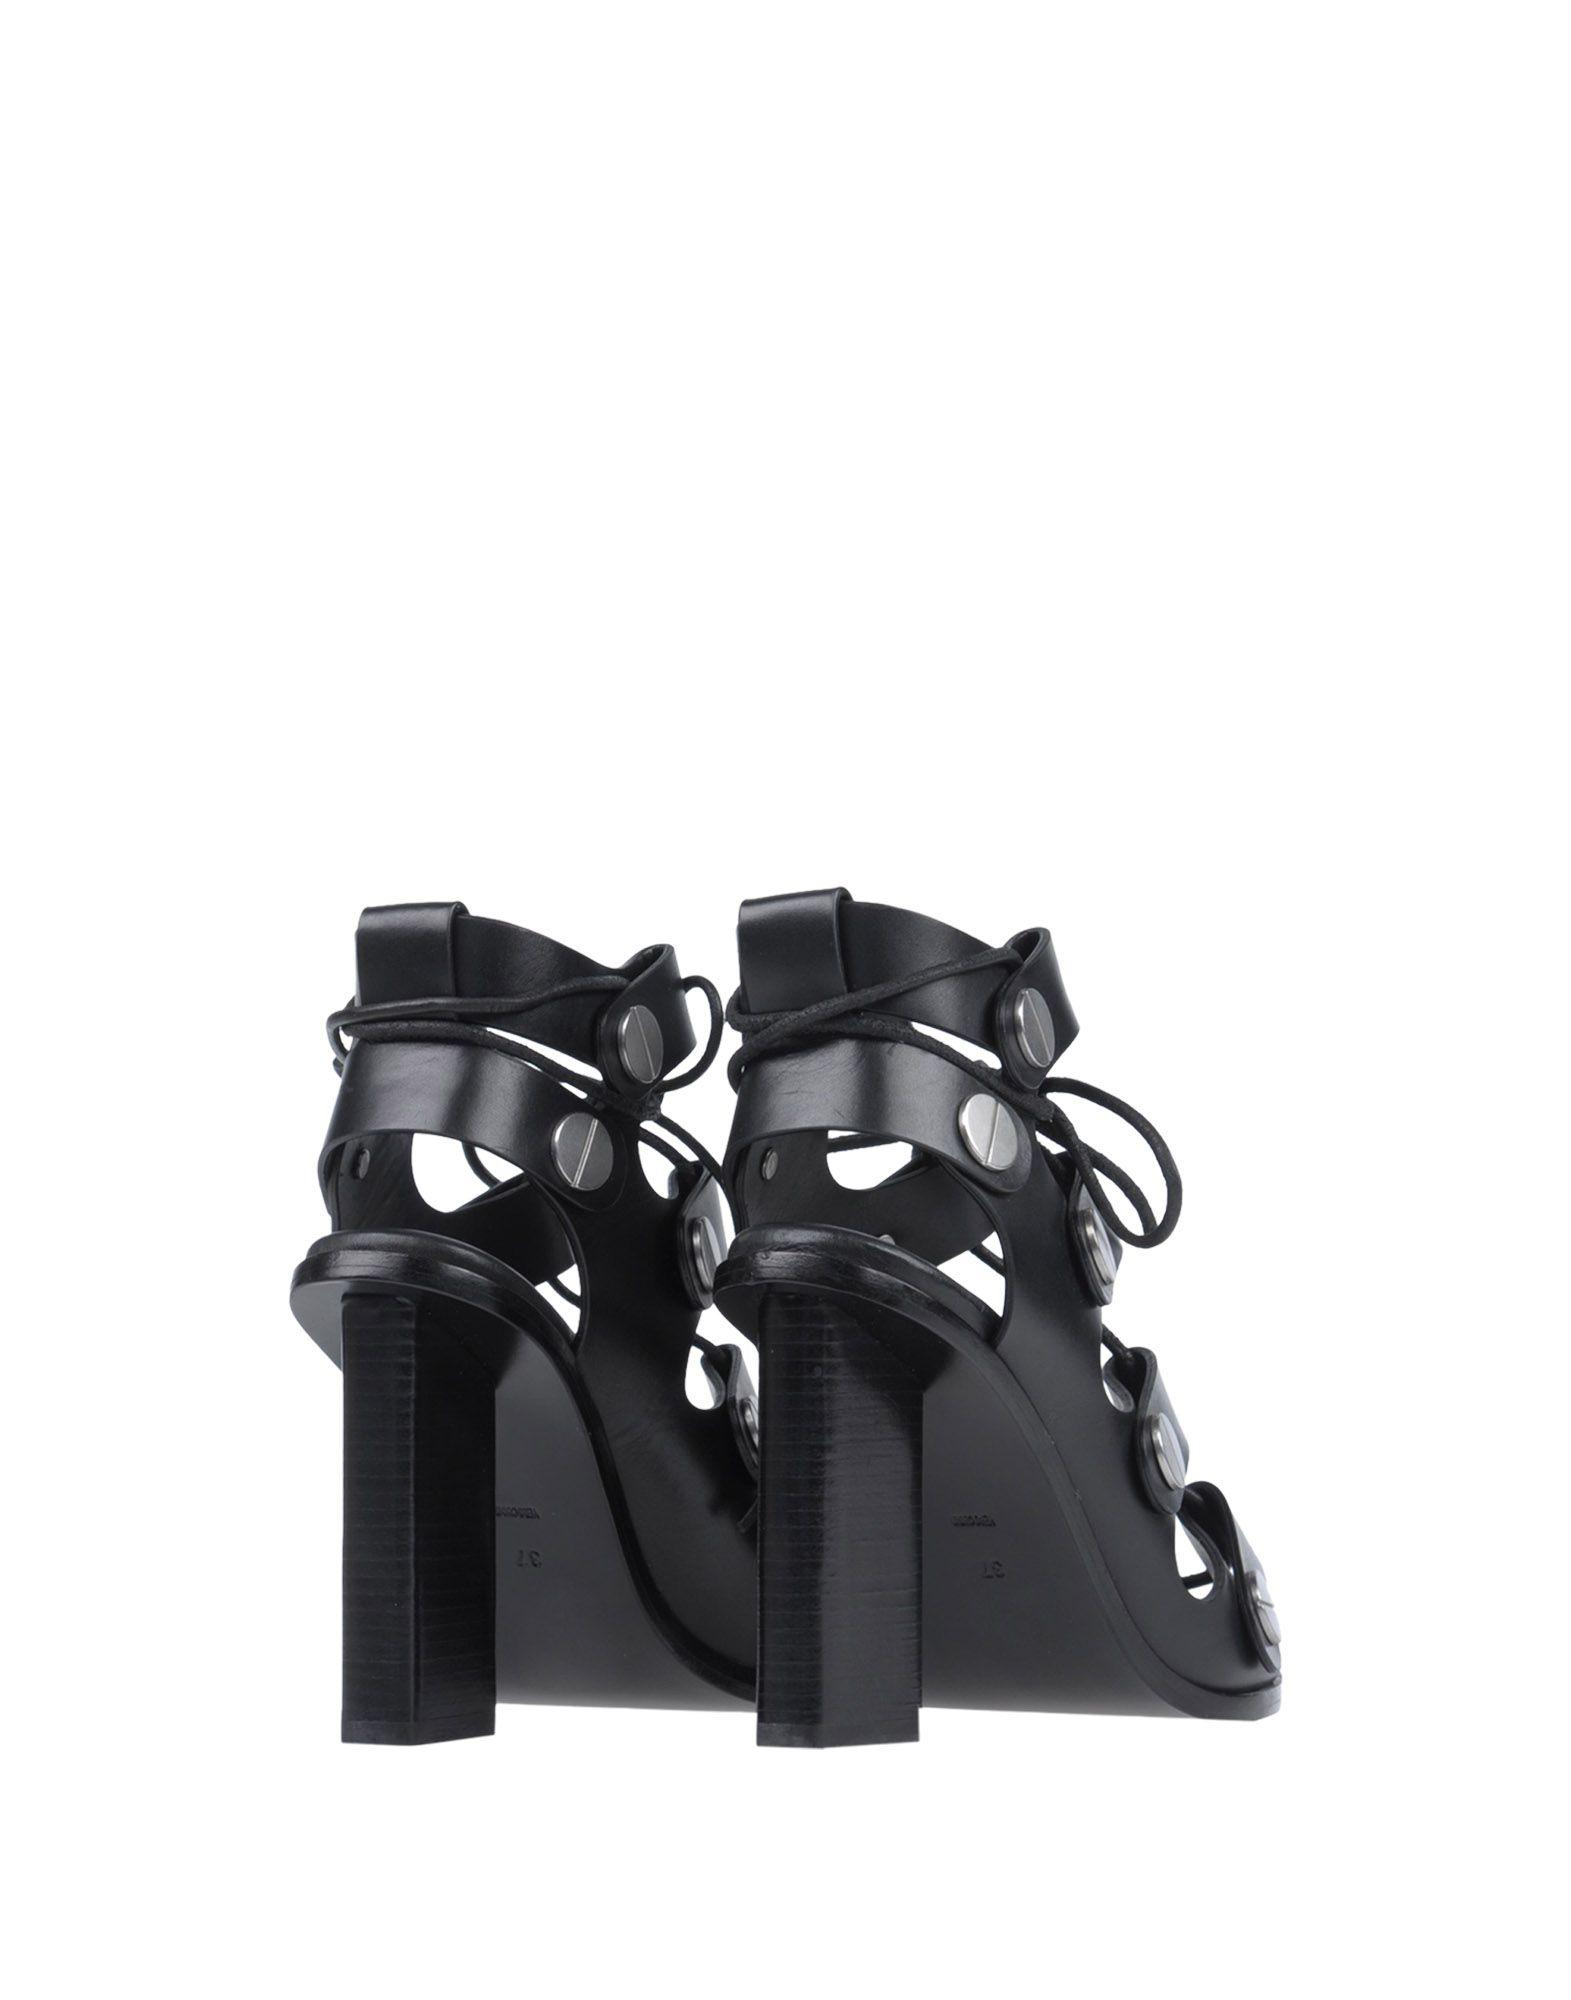 Sandales Alexander Wang Femme - Sandales Alexander Wang sur